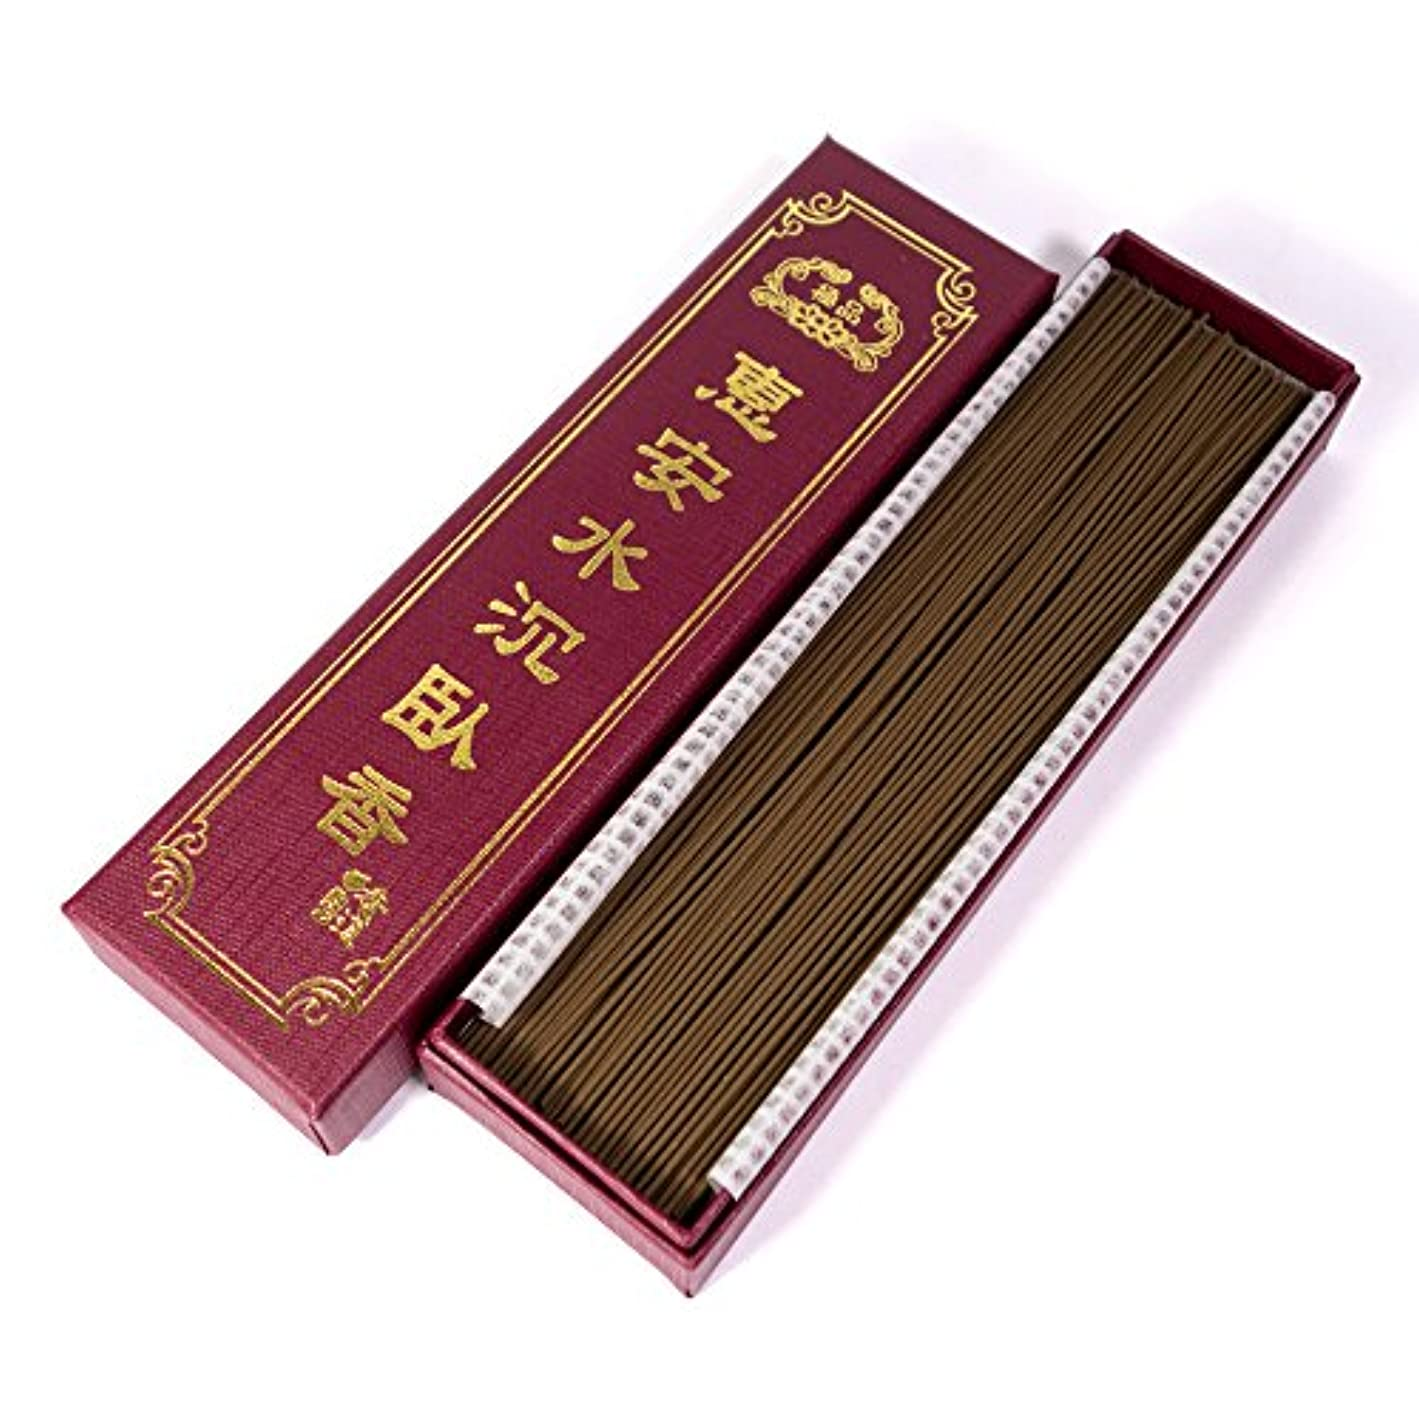 同意する抜本的なダイヤル台湾沉香舍 お香 香木 線香 水沈香 惠安水沈香 煙少香 21cm 75g 約220本